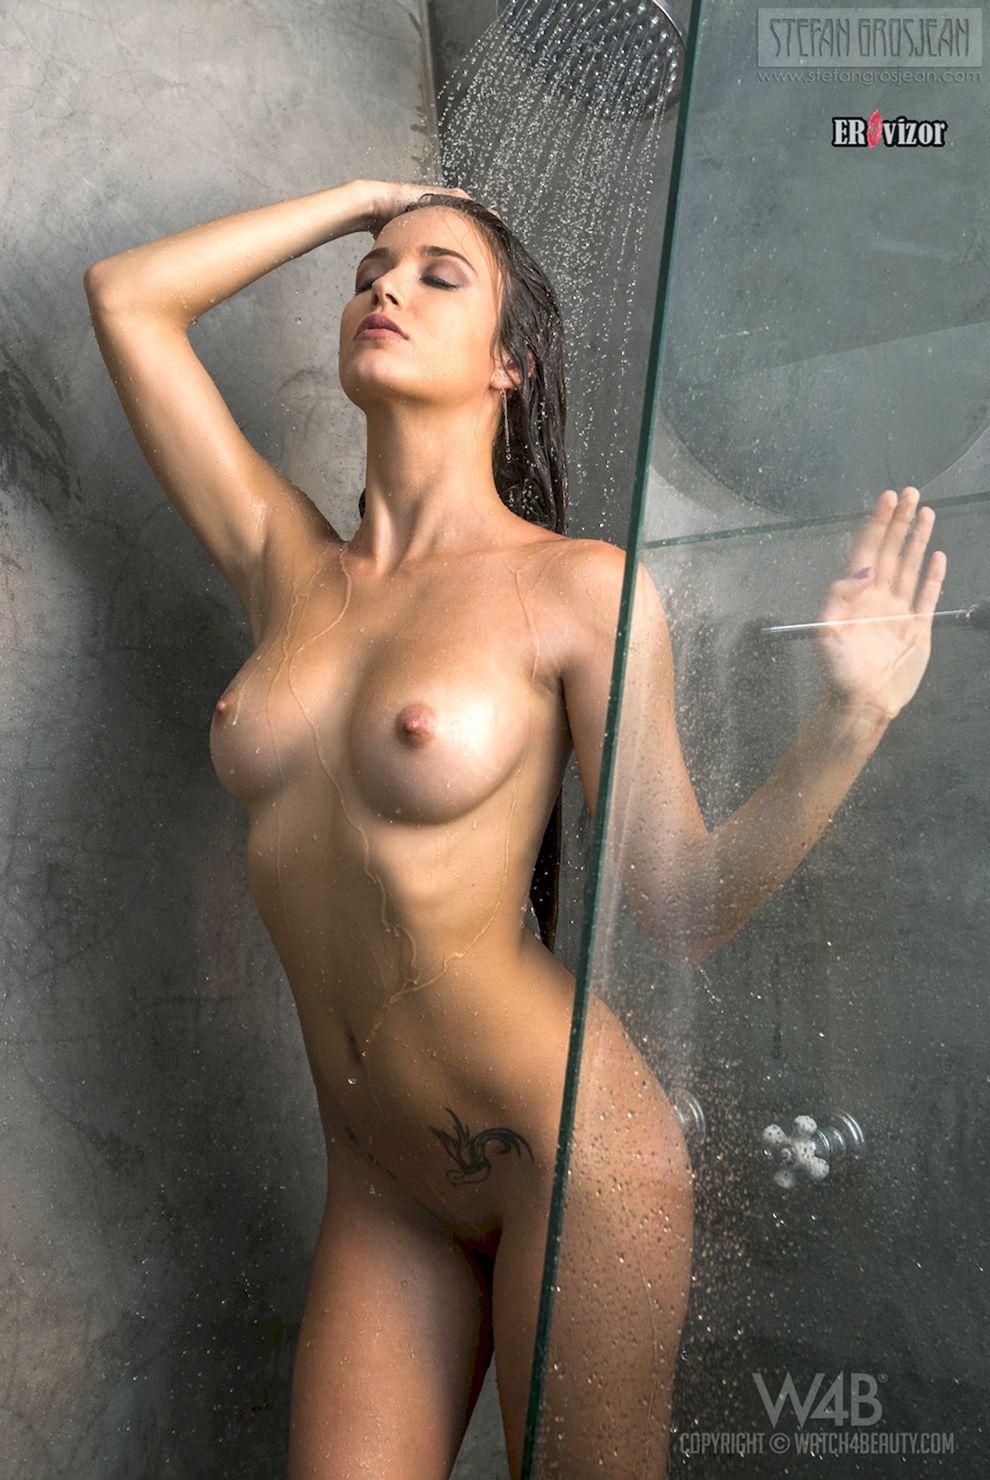 фото нагой девицы в душевой кабинке